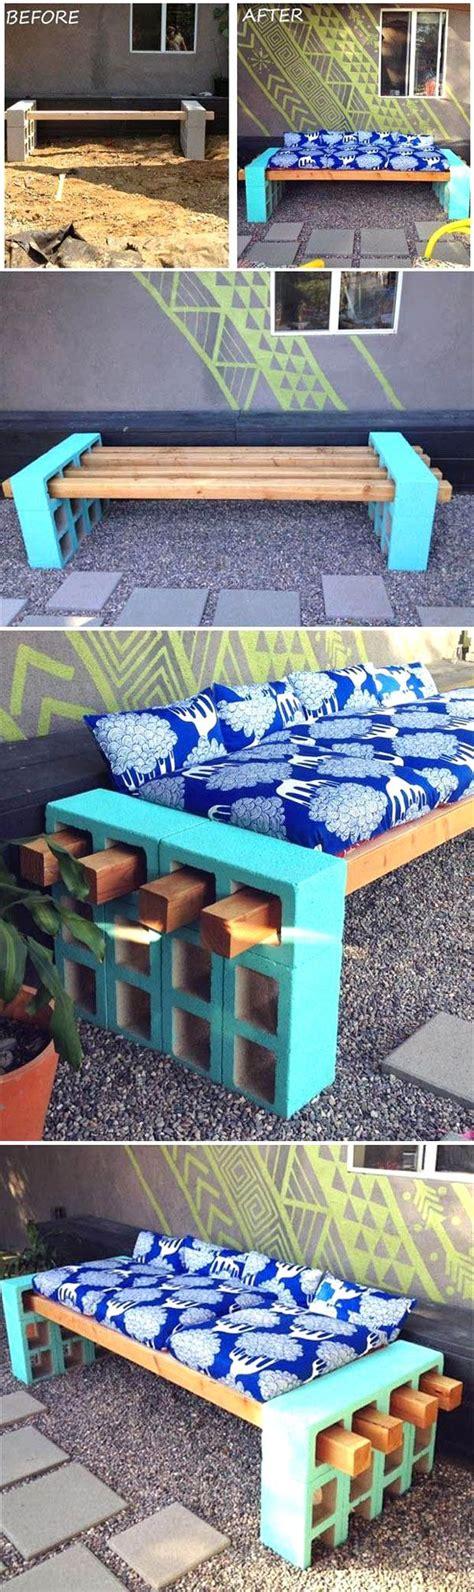 panchina cemento oltre 25 fantastiche idee su panchina in cemento su